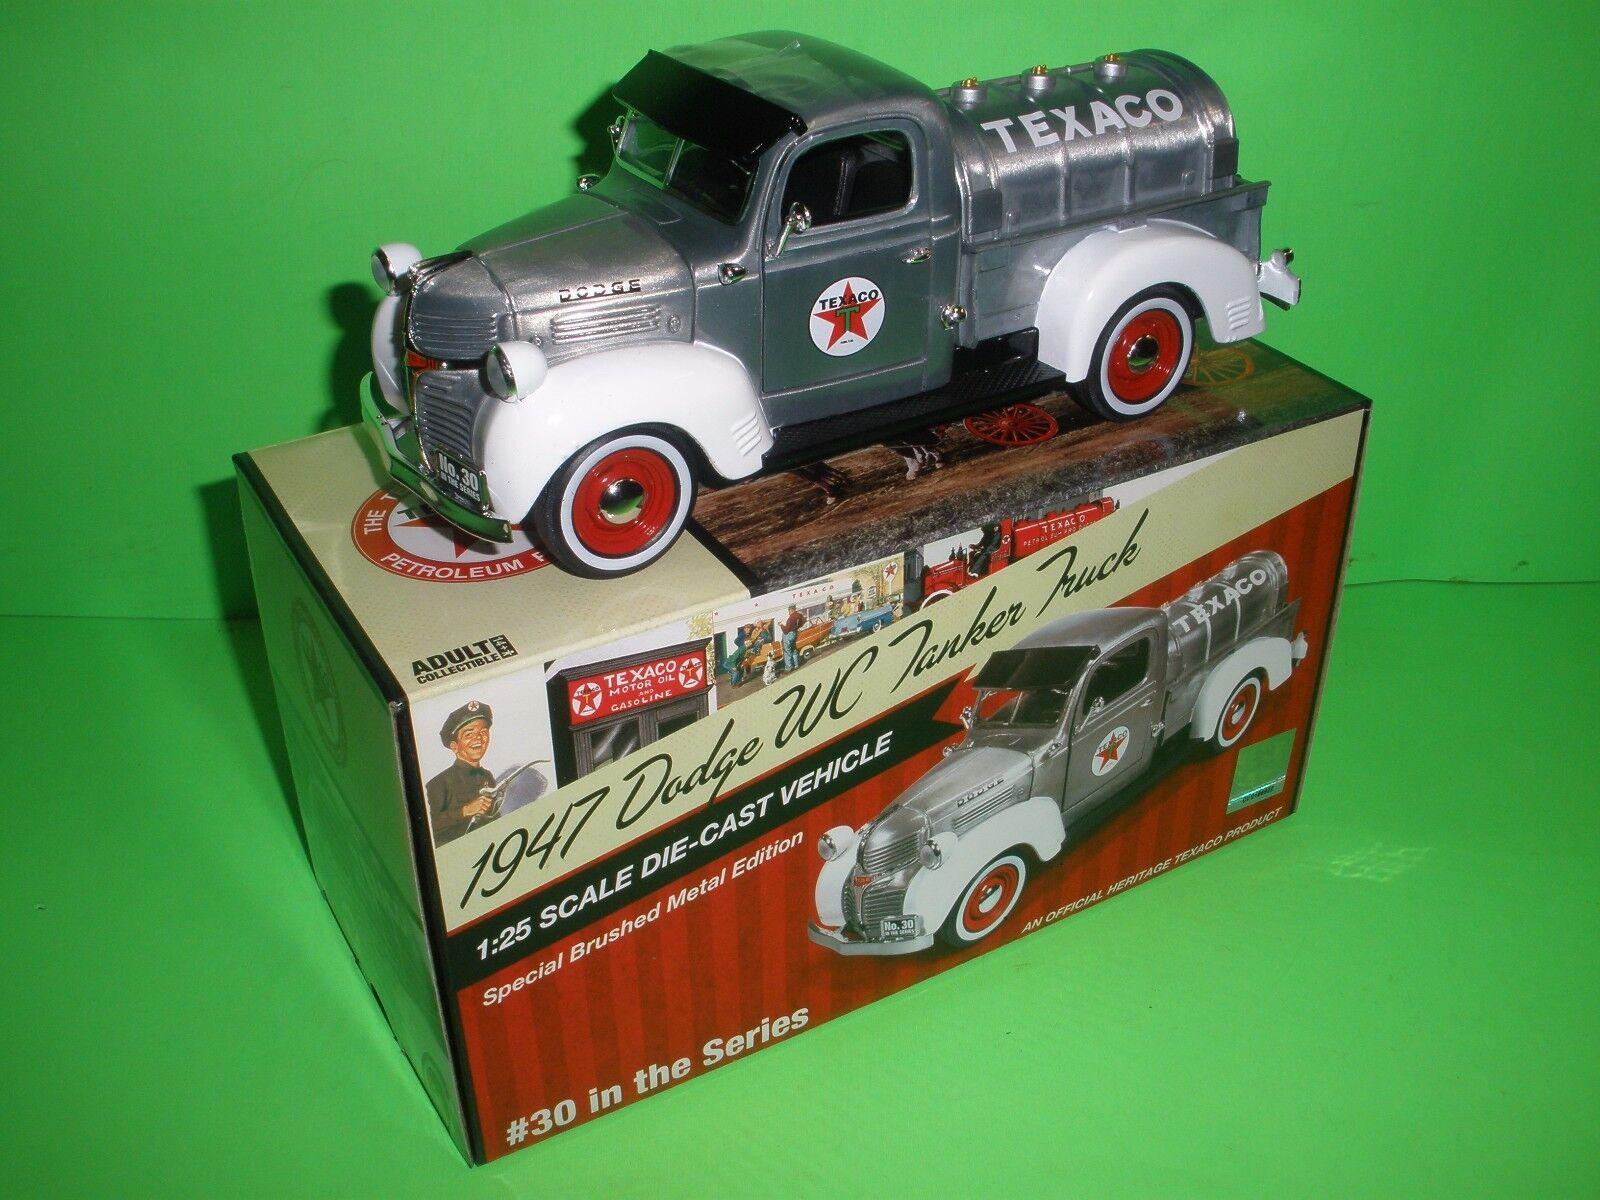 Texaco en la serie 1947 DODGE WC cisterna camión de reparto que Edición Especial - 2013